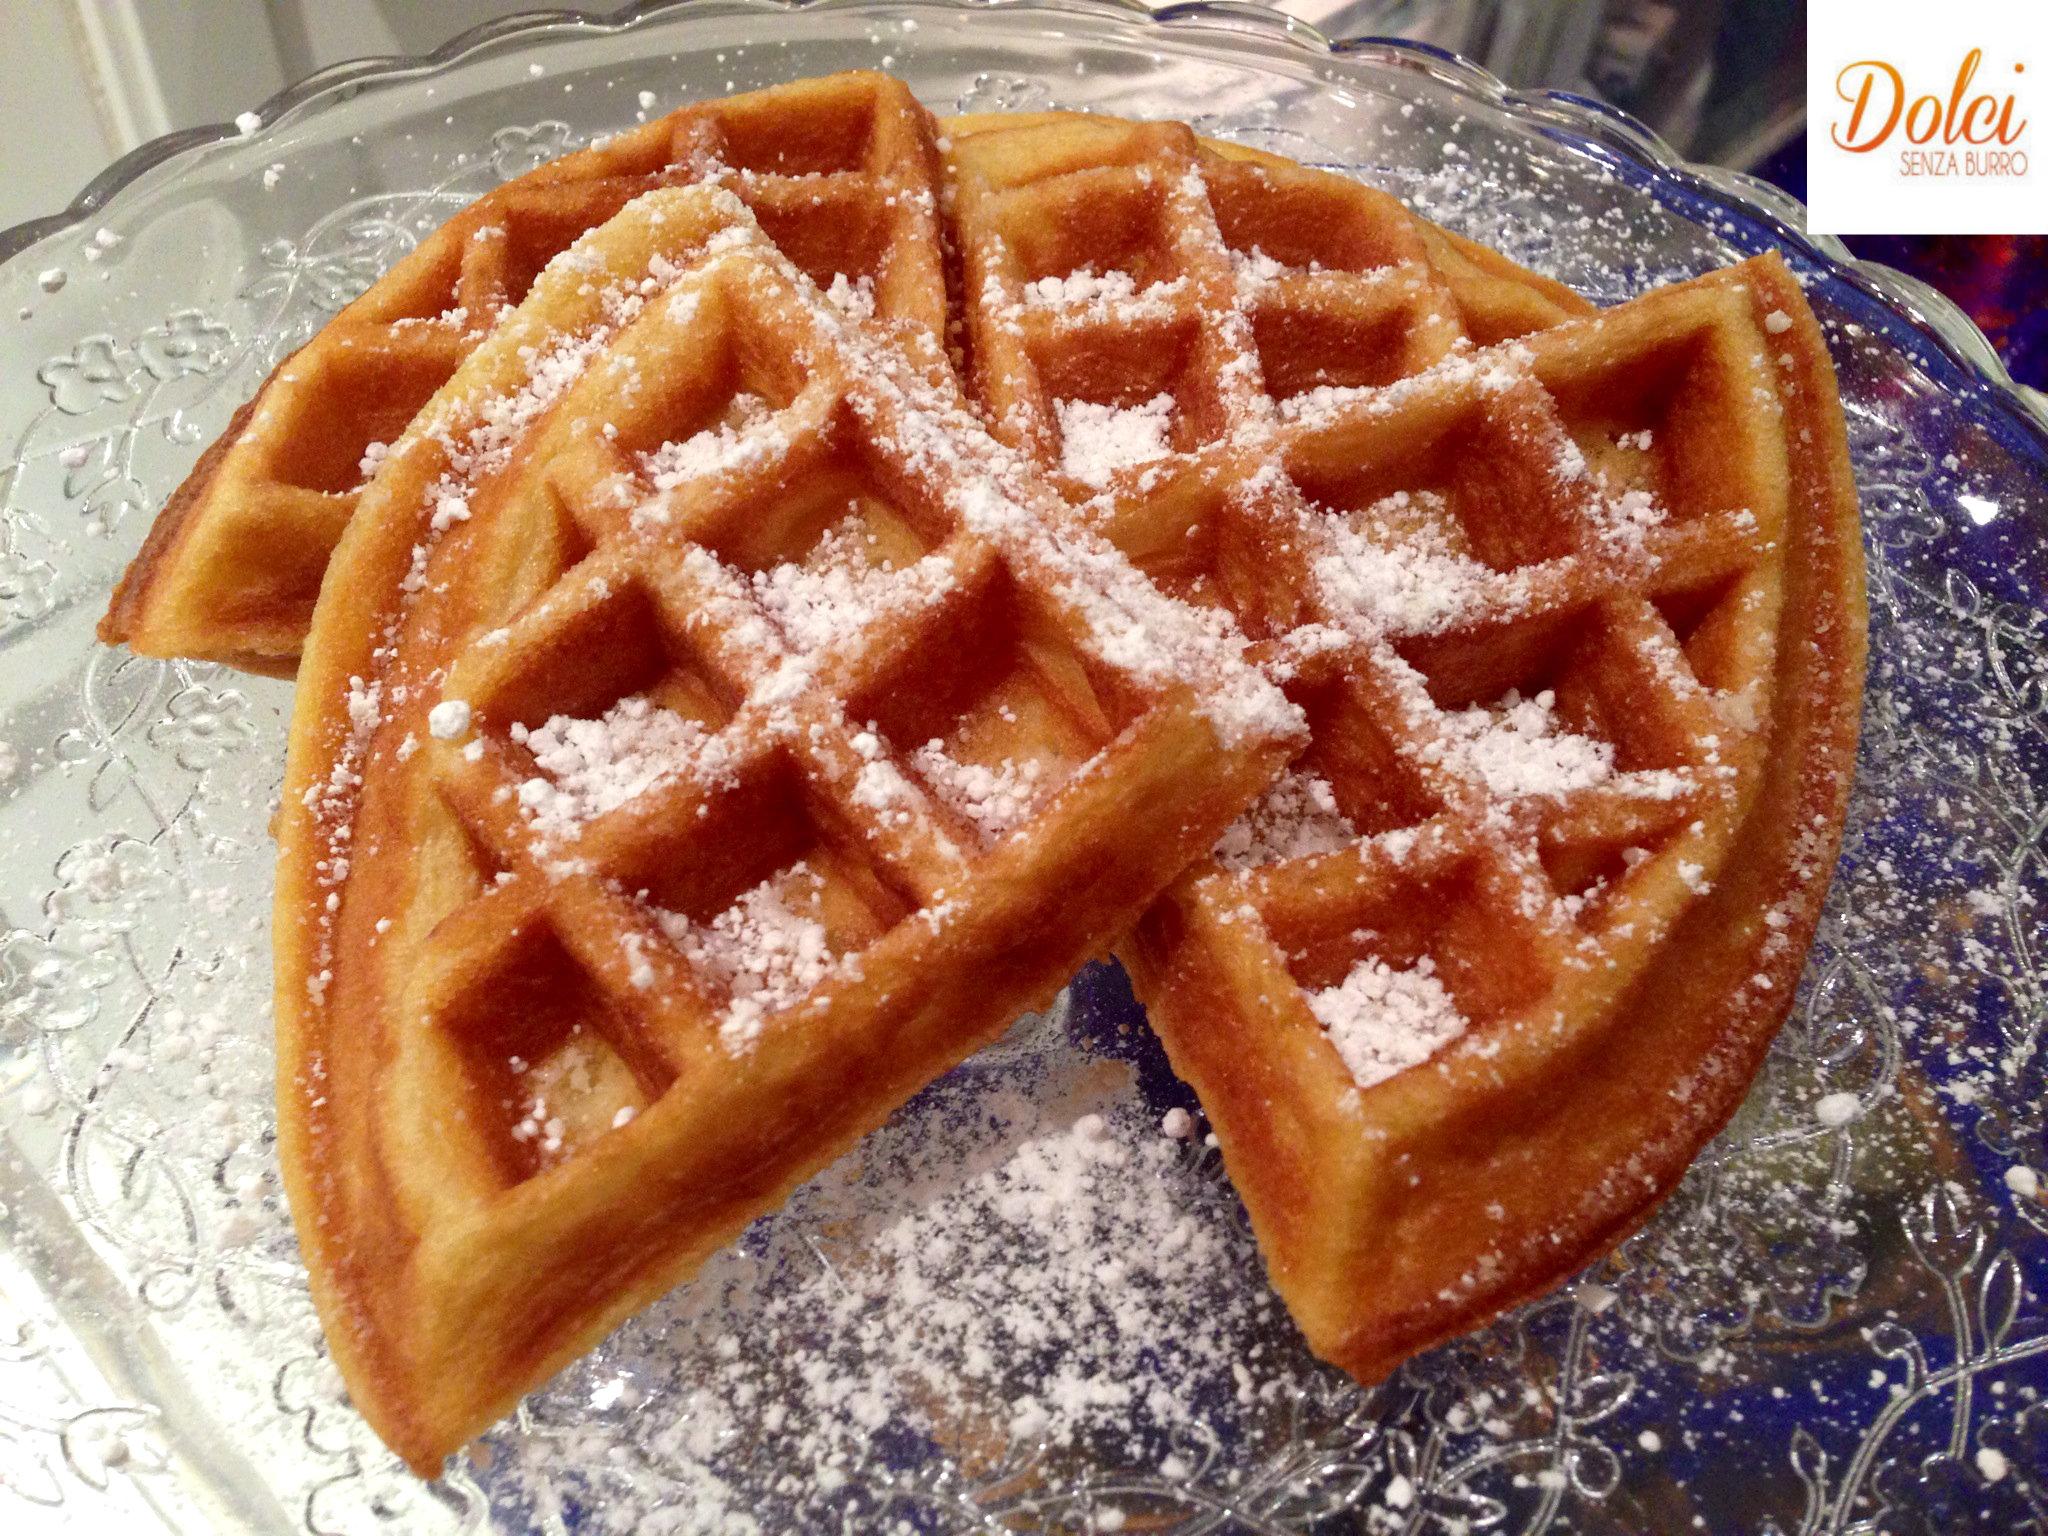 Waffle senza burro dolci senza burro for Nuove ricette dolci